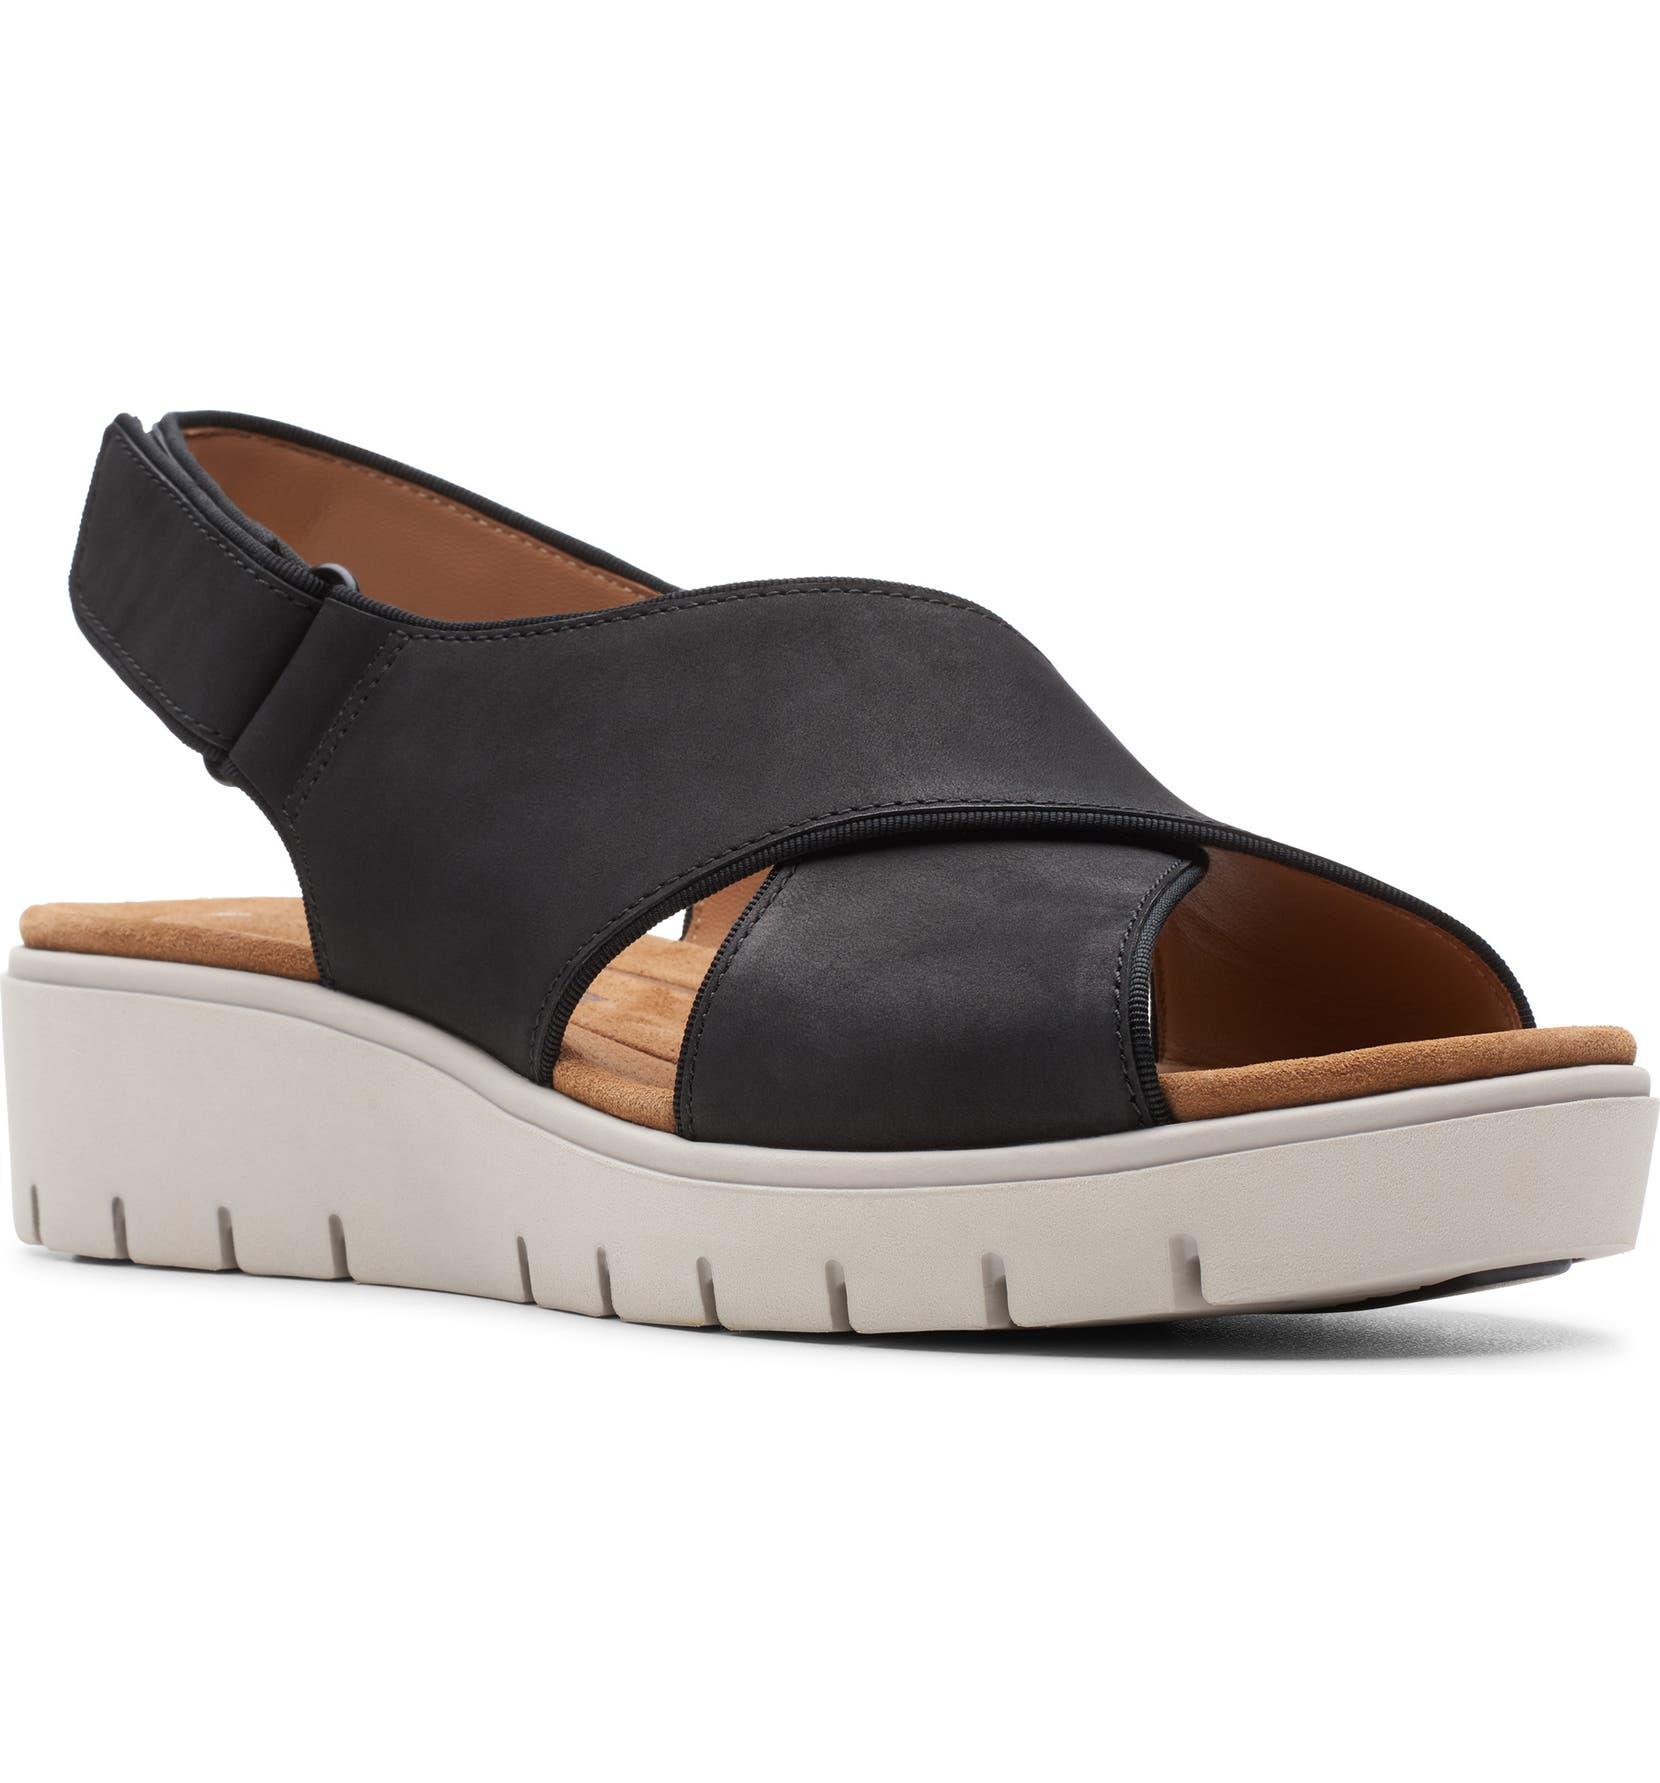 375c85119670 Clarks® Un Karely Sun Slingback Sandal (Women)